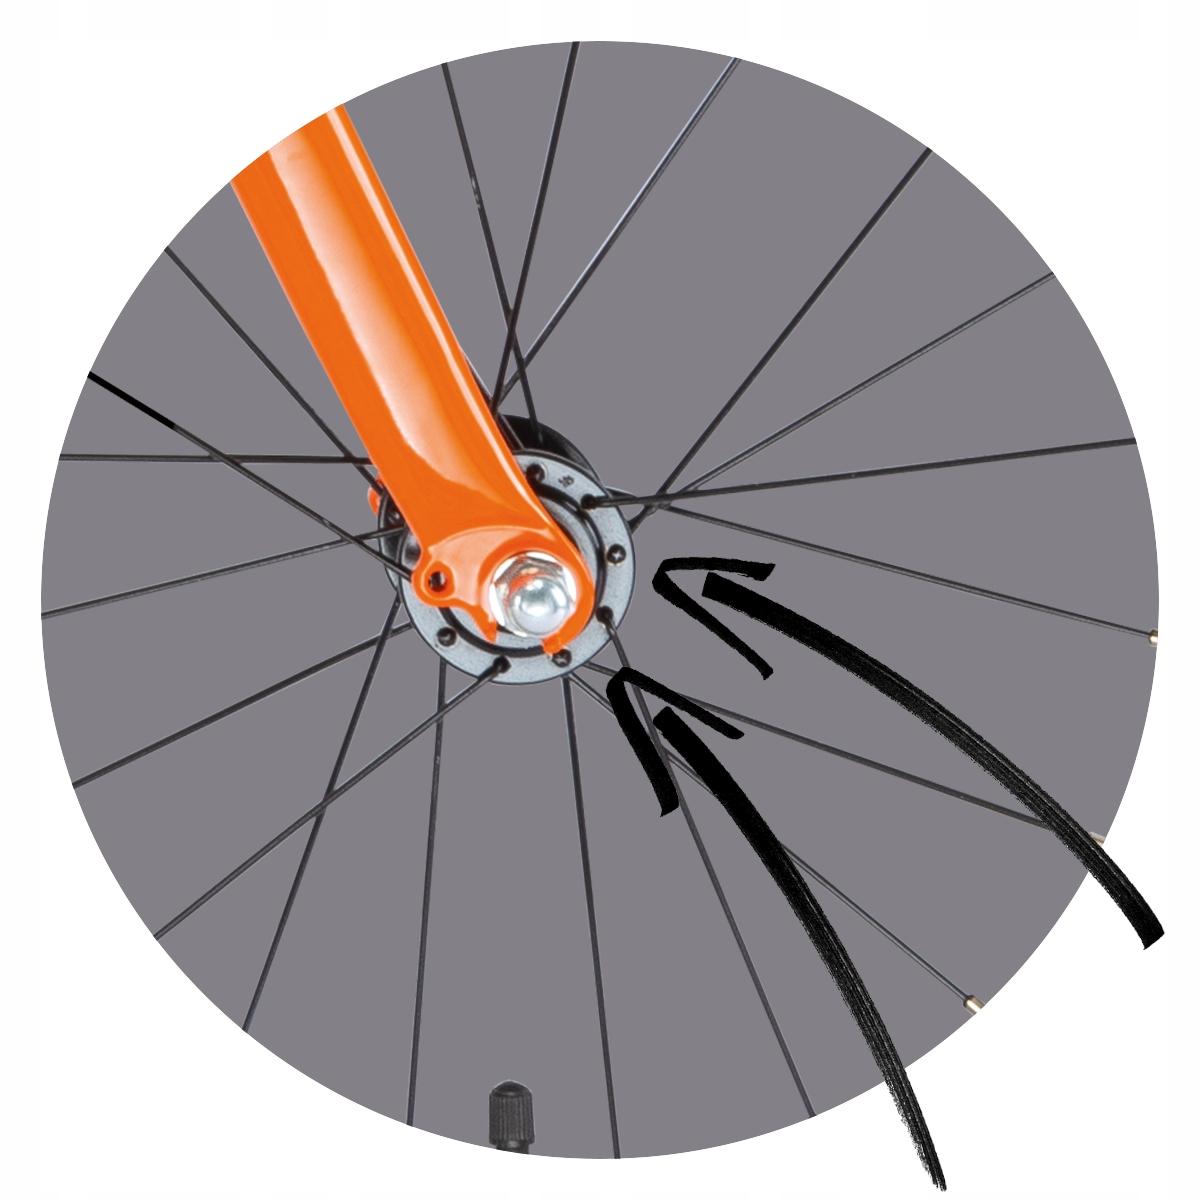 Lekki Rower PUKY LS-PRO 16-1 Alu Waga 5,90 kg 4414 Marka PUKY